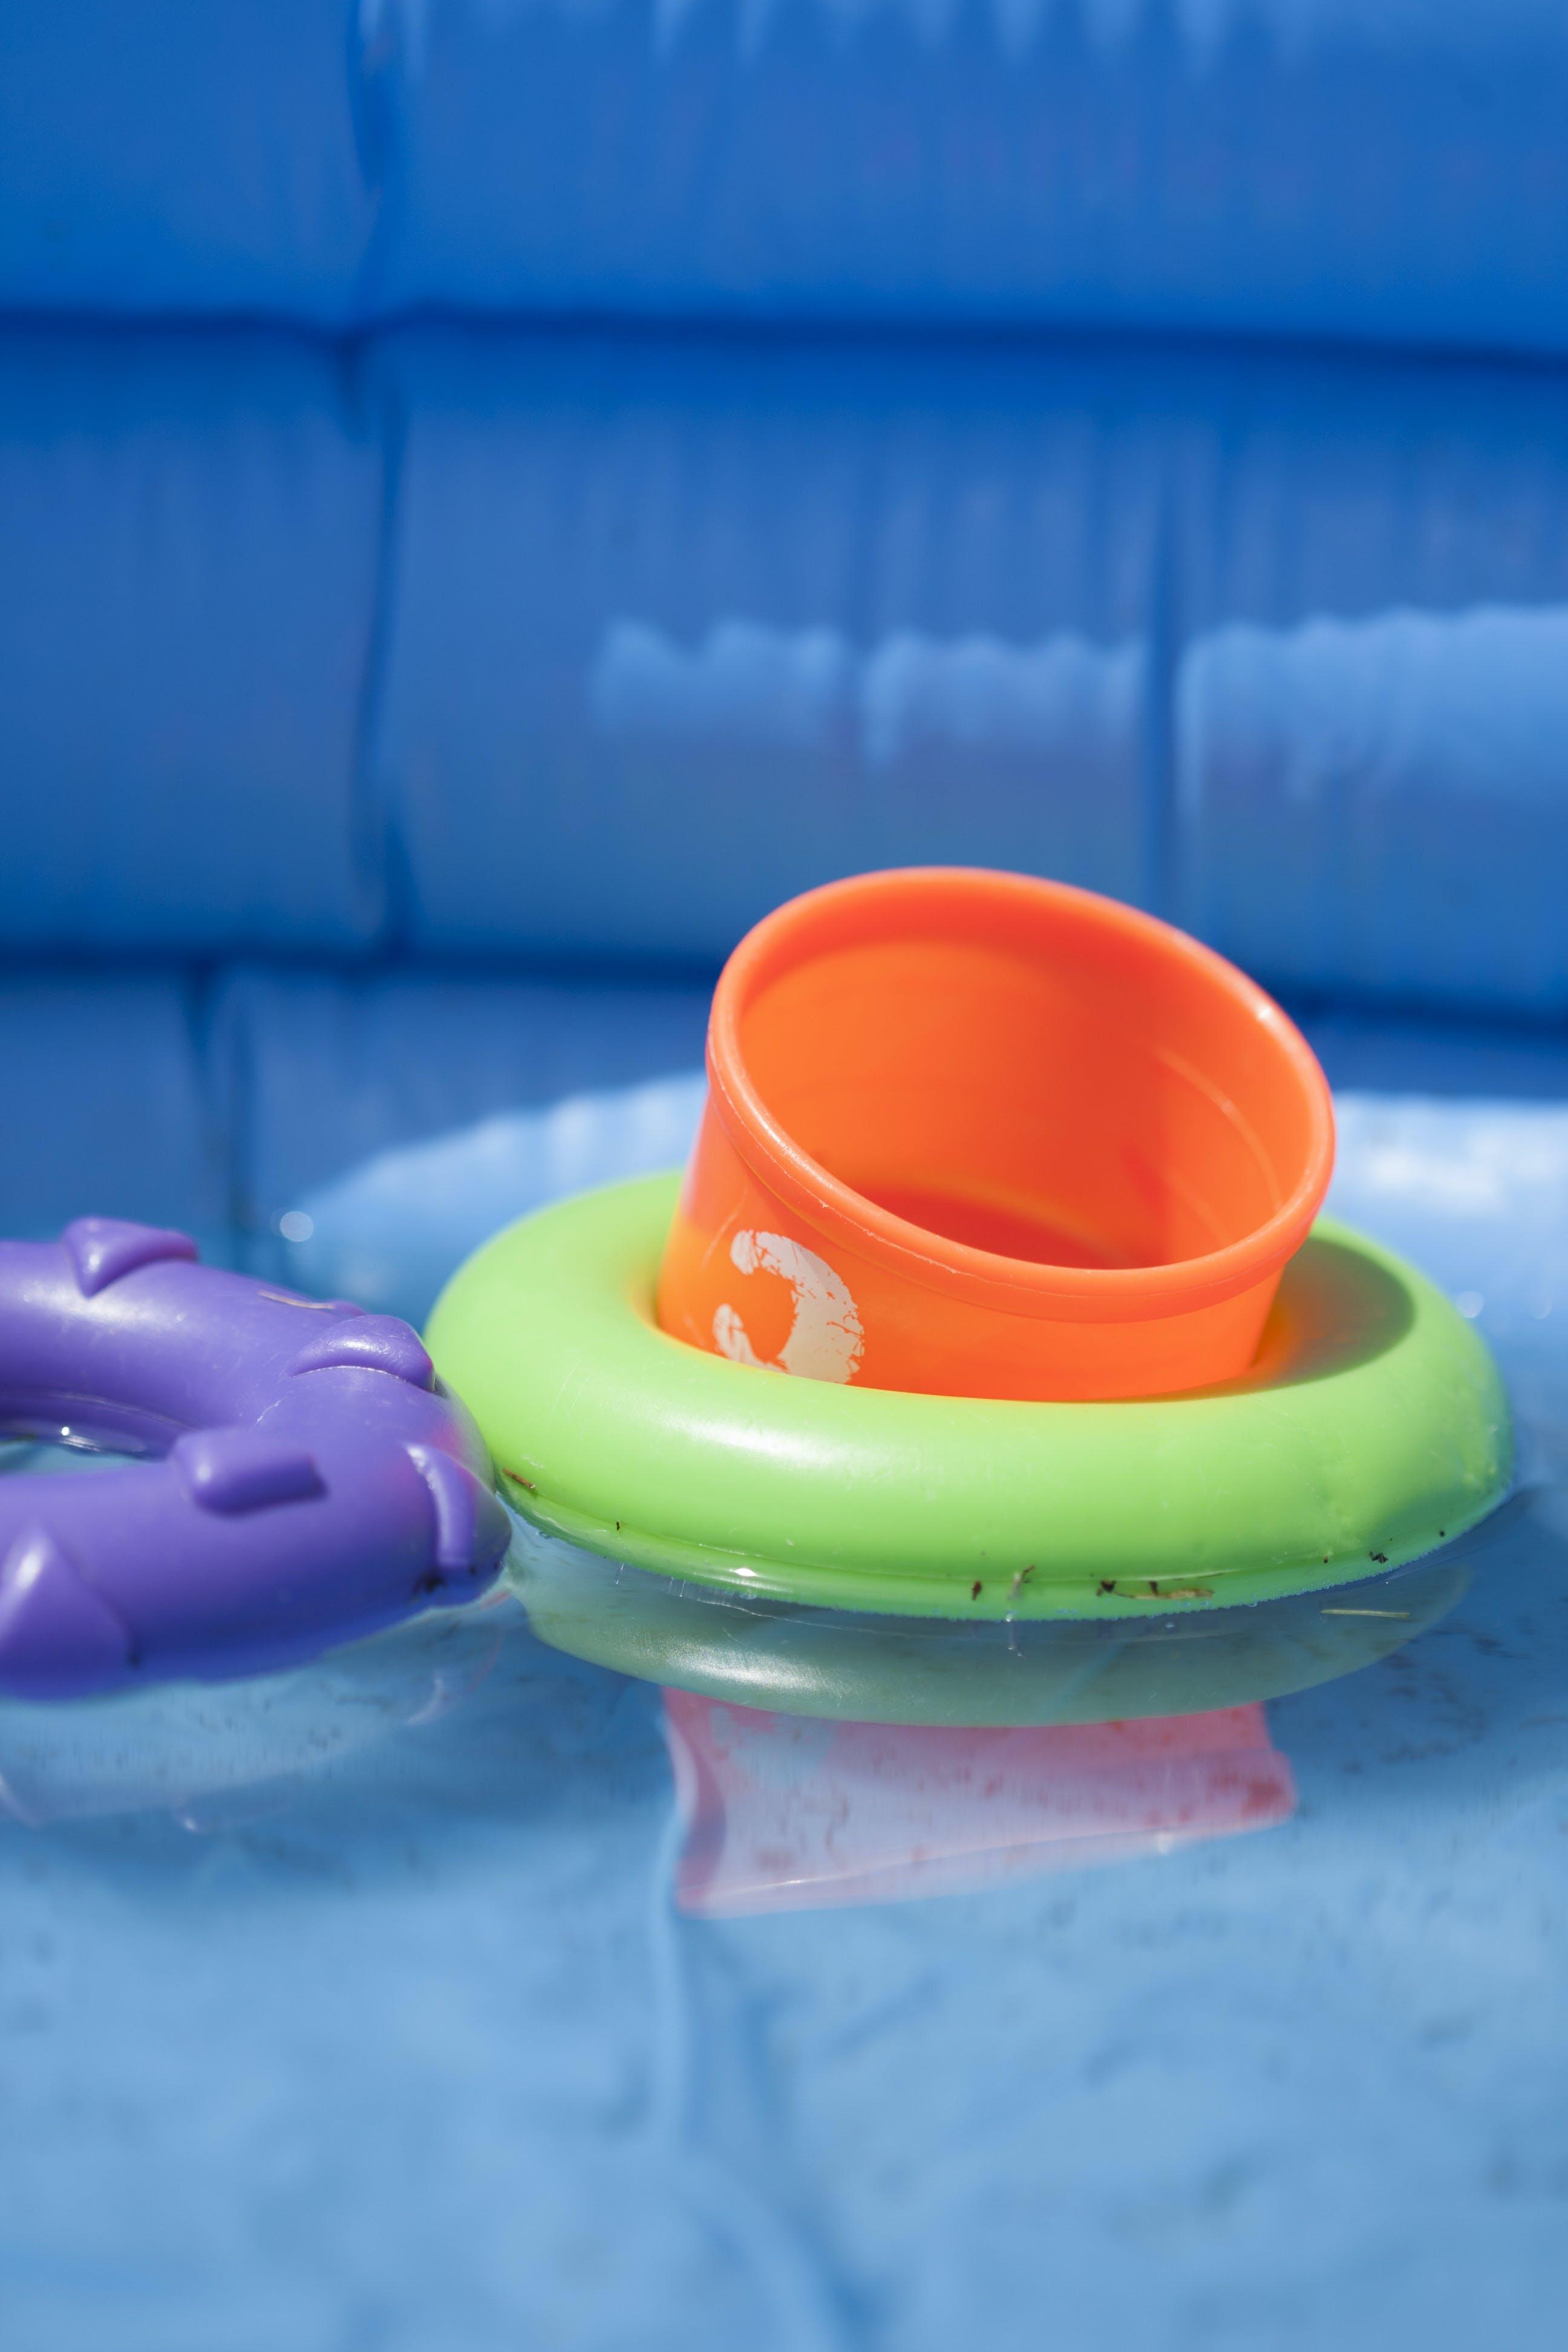 Kostenloses Stock Foto zu baden, kleinkind-spielzeug, spielzeug, stapelringe